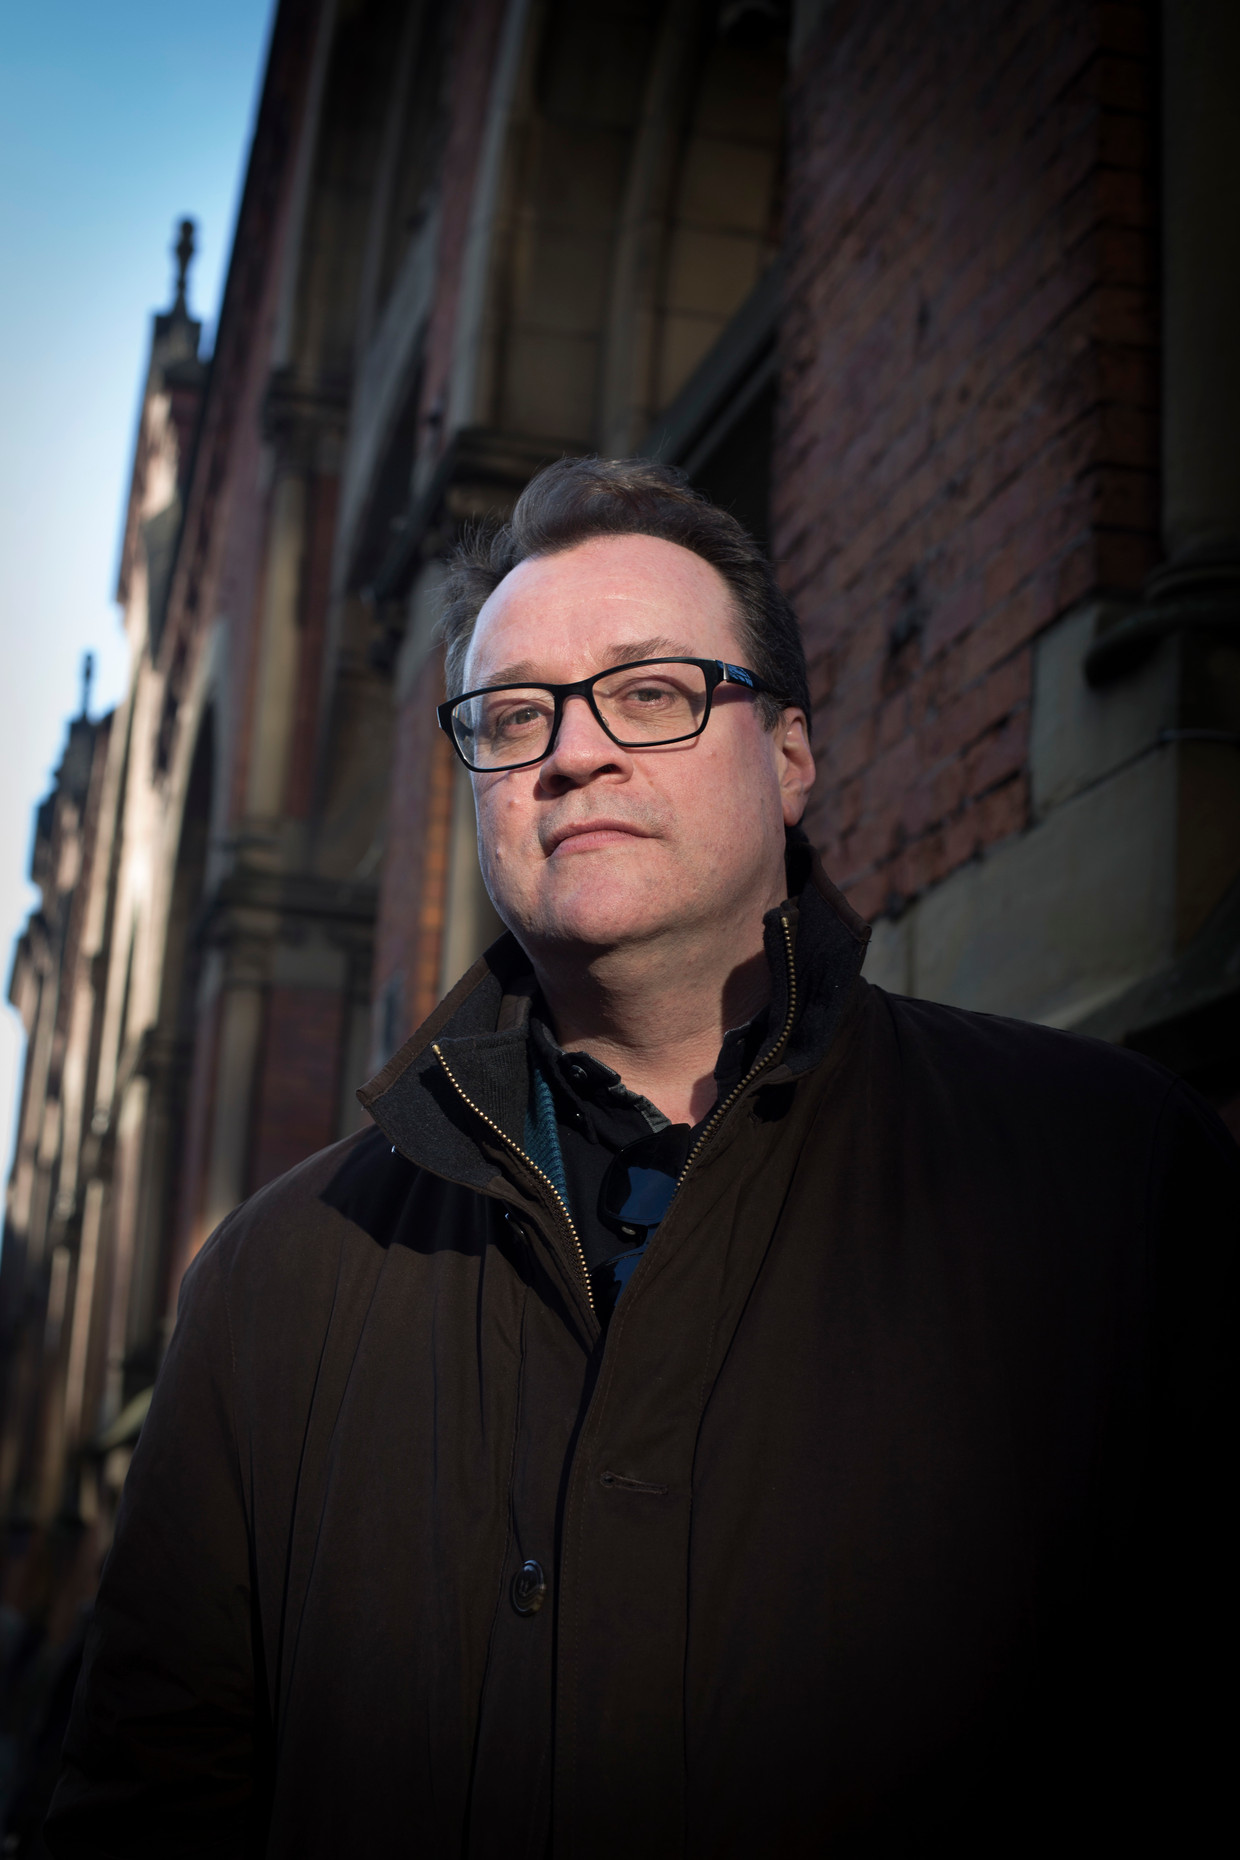 Russell T. Davies, gelauwerd scenarist en tv-producent, liep al jaren met de serie Years and Years in zijn hoofd.